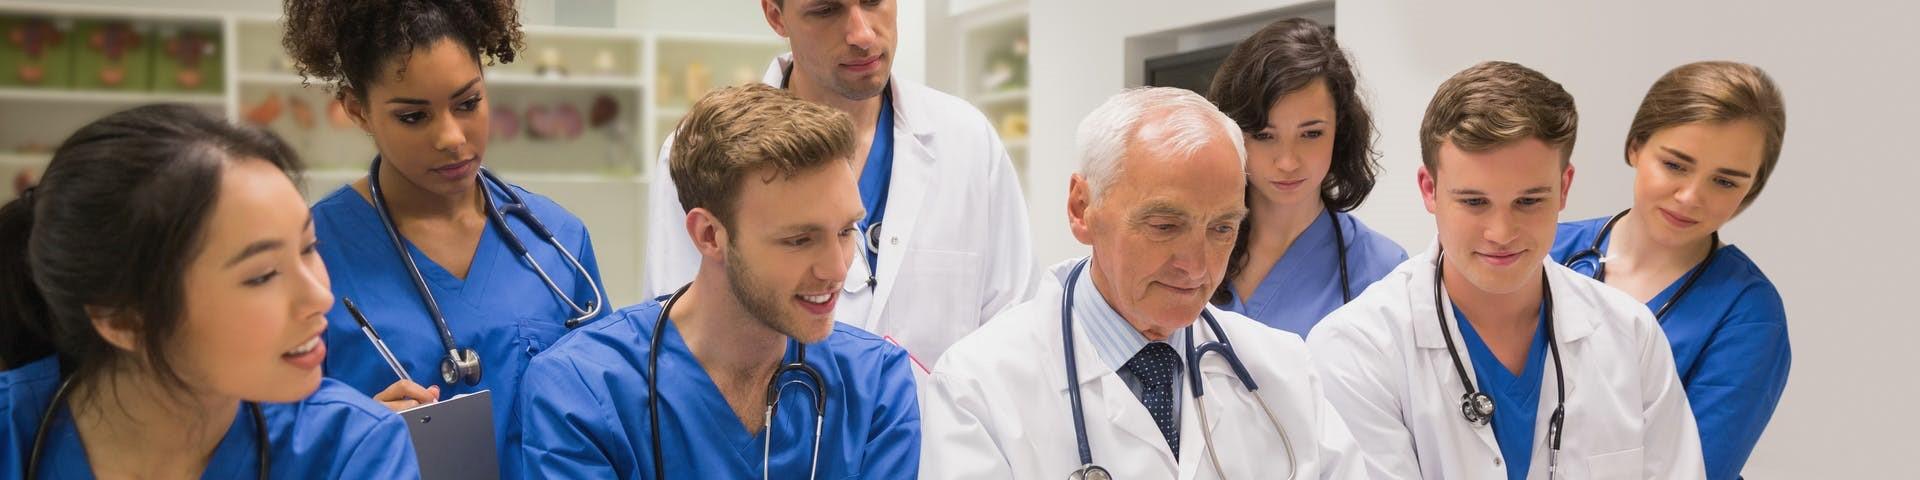 کیفیت آموزش پزشکی کانادا